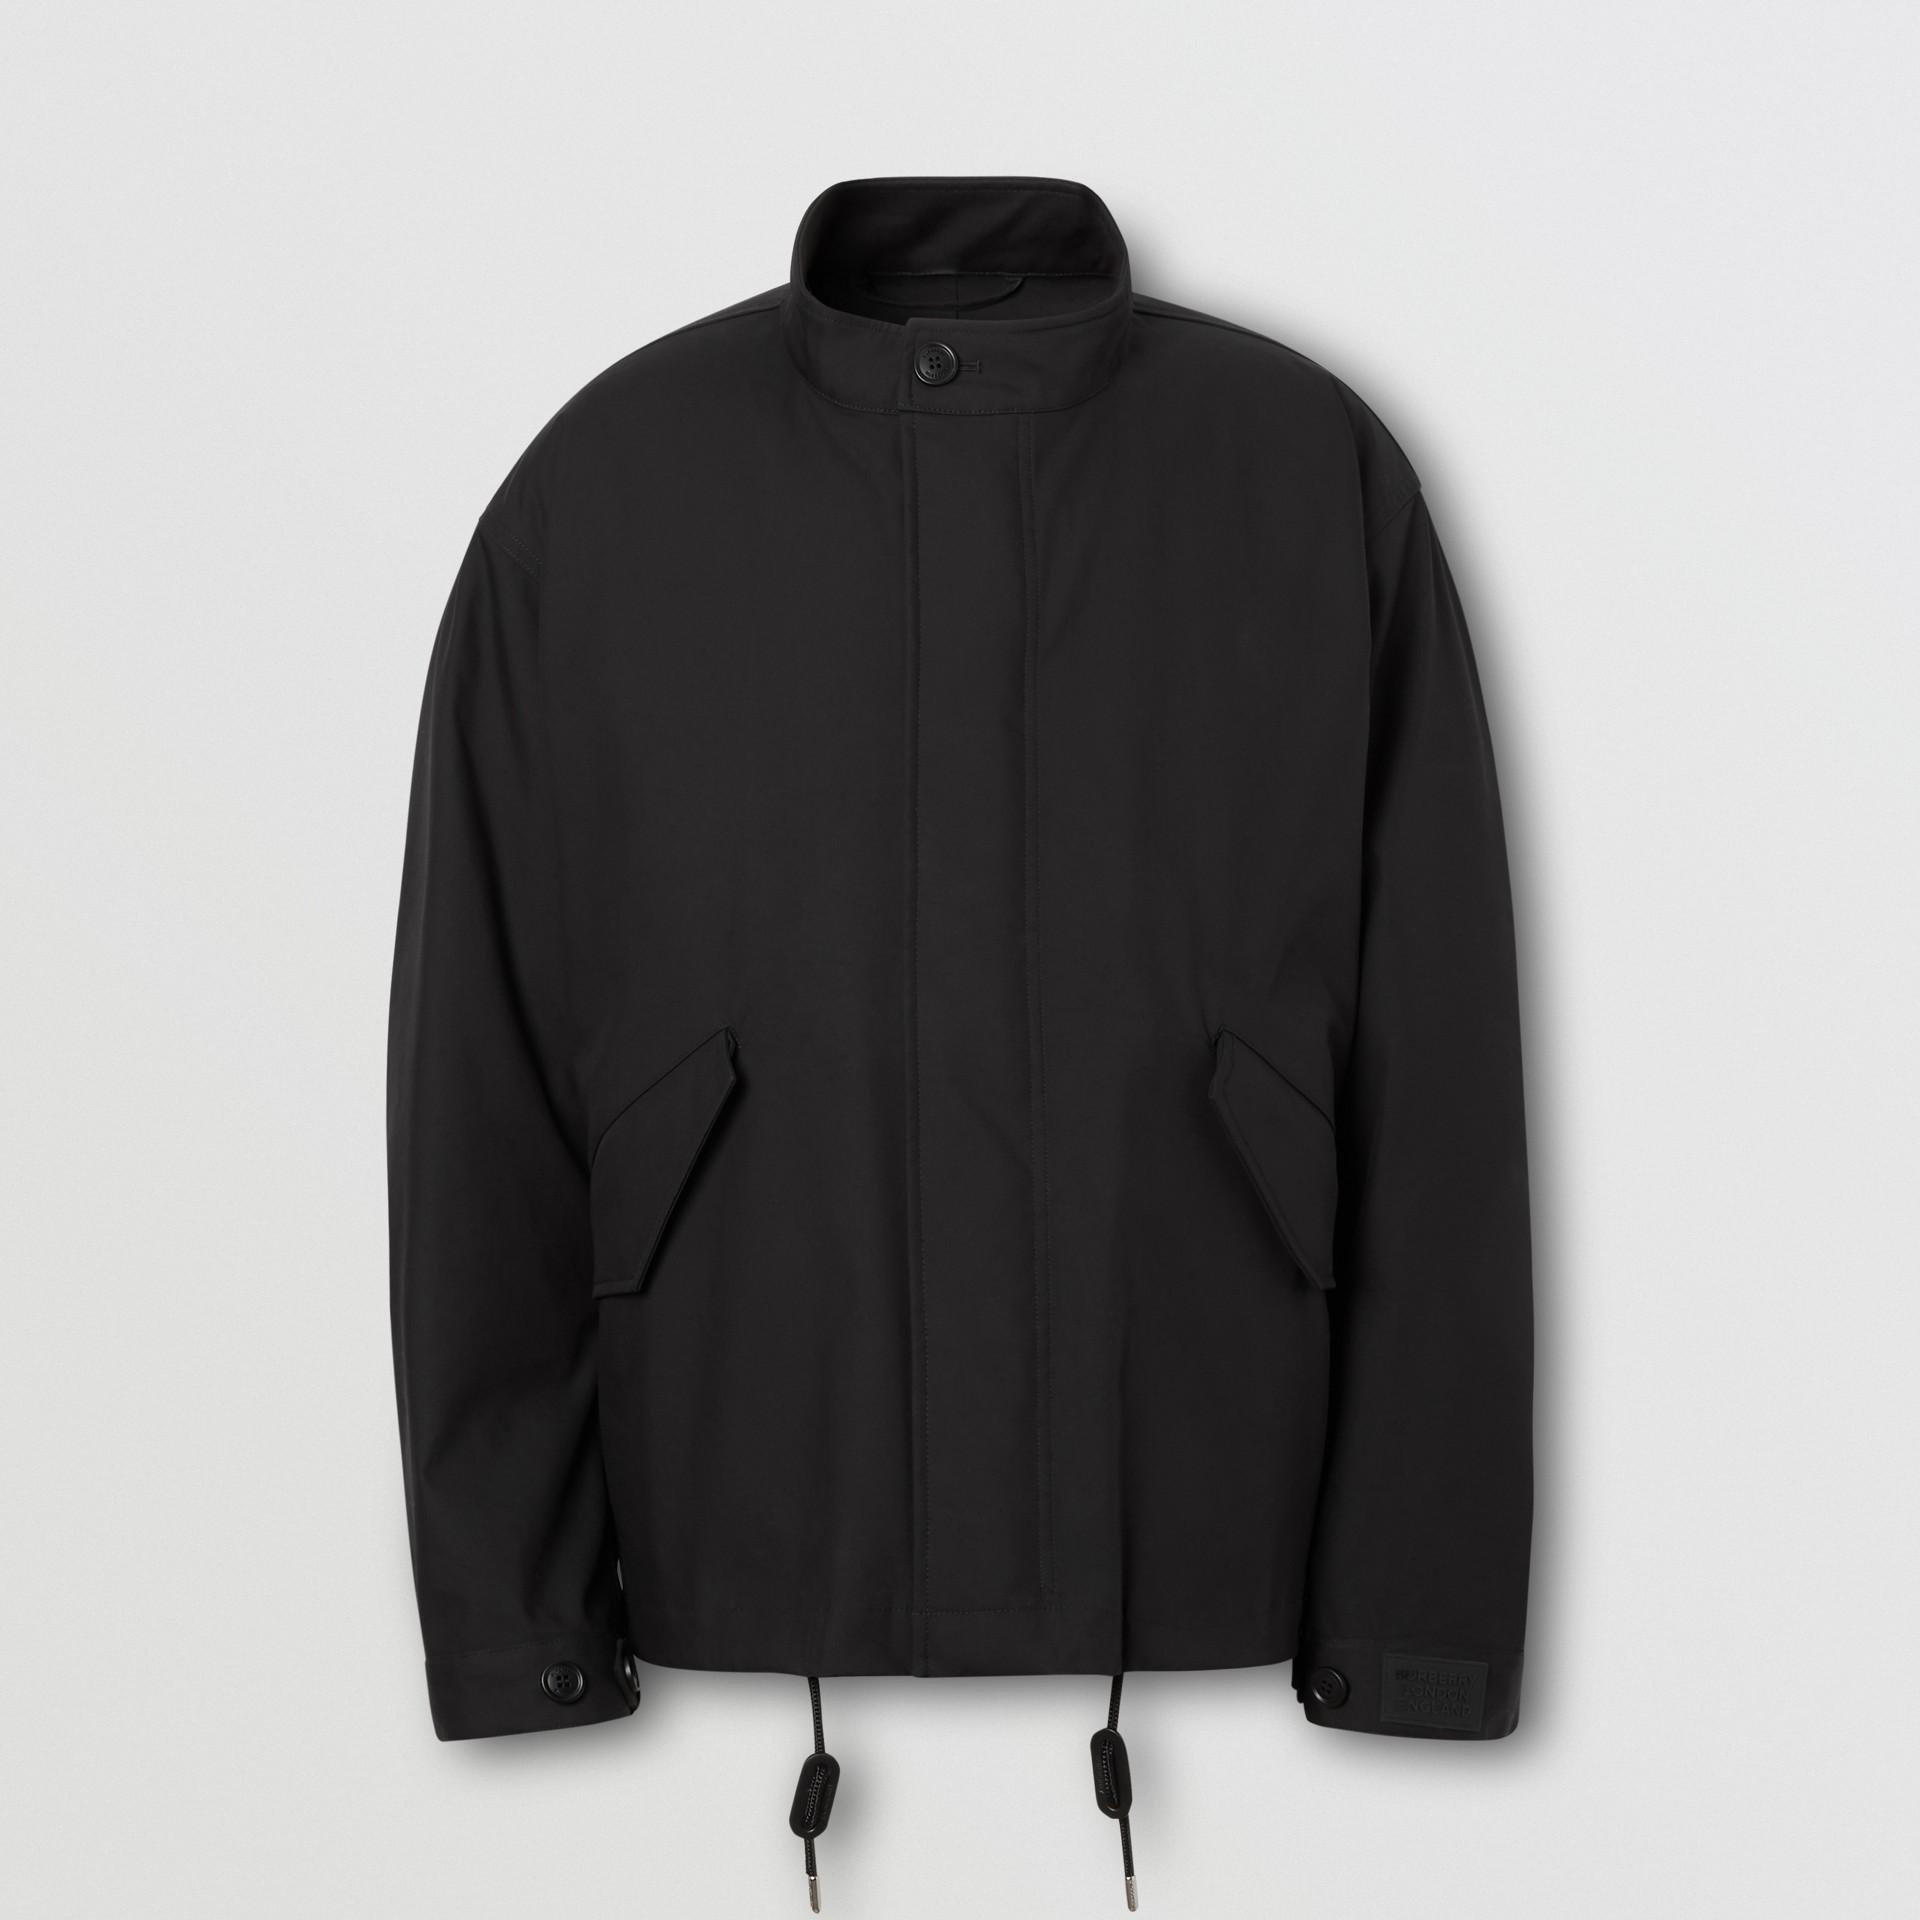 Veste en coton contrecollé avec gilet intérieur amovible (Noir) - Homme | Burberry - photo de la galerie 3